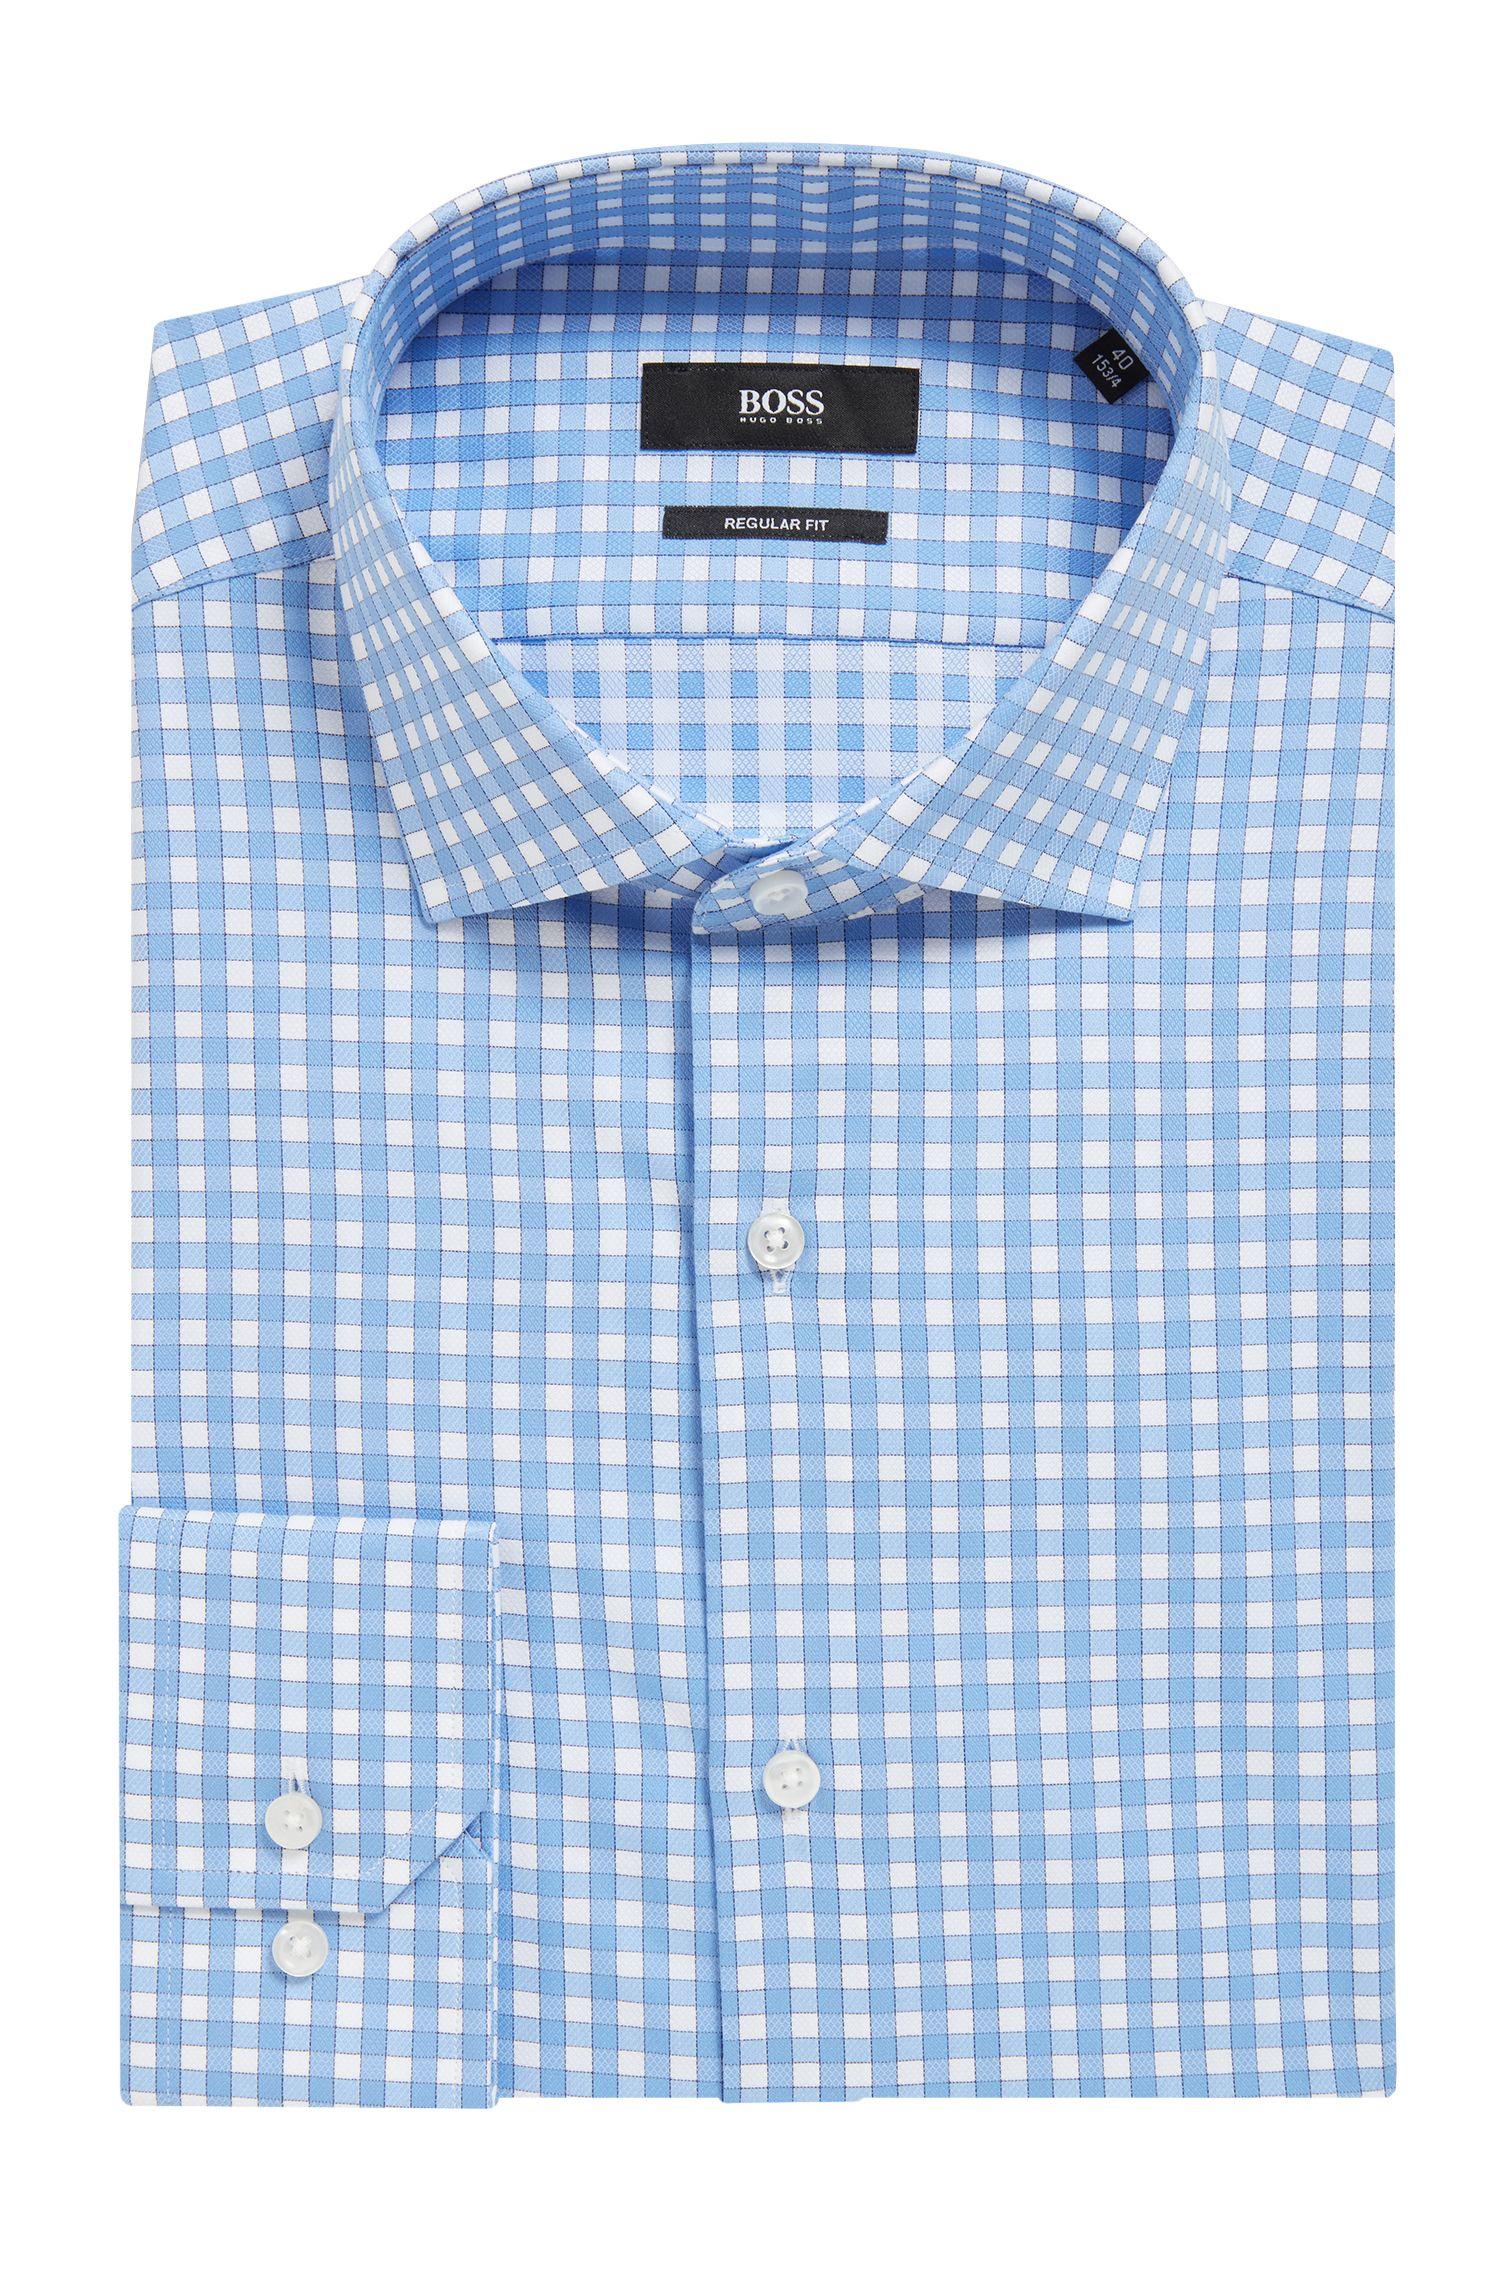 Checked Cotton Dress Shirt, Regular Fit | Gordon, Light Blue